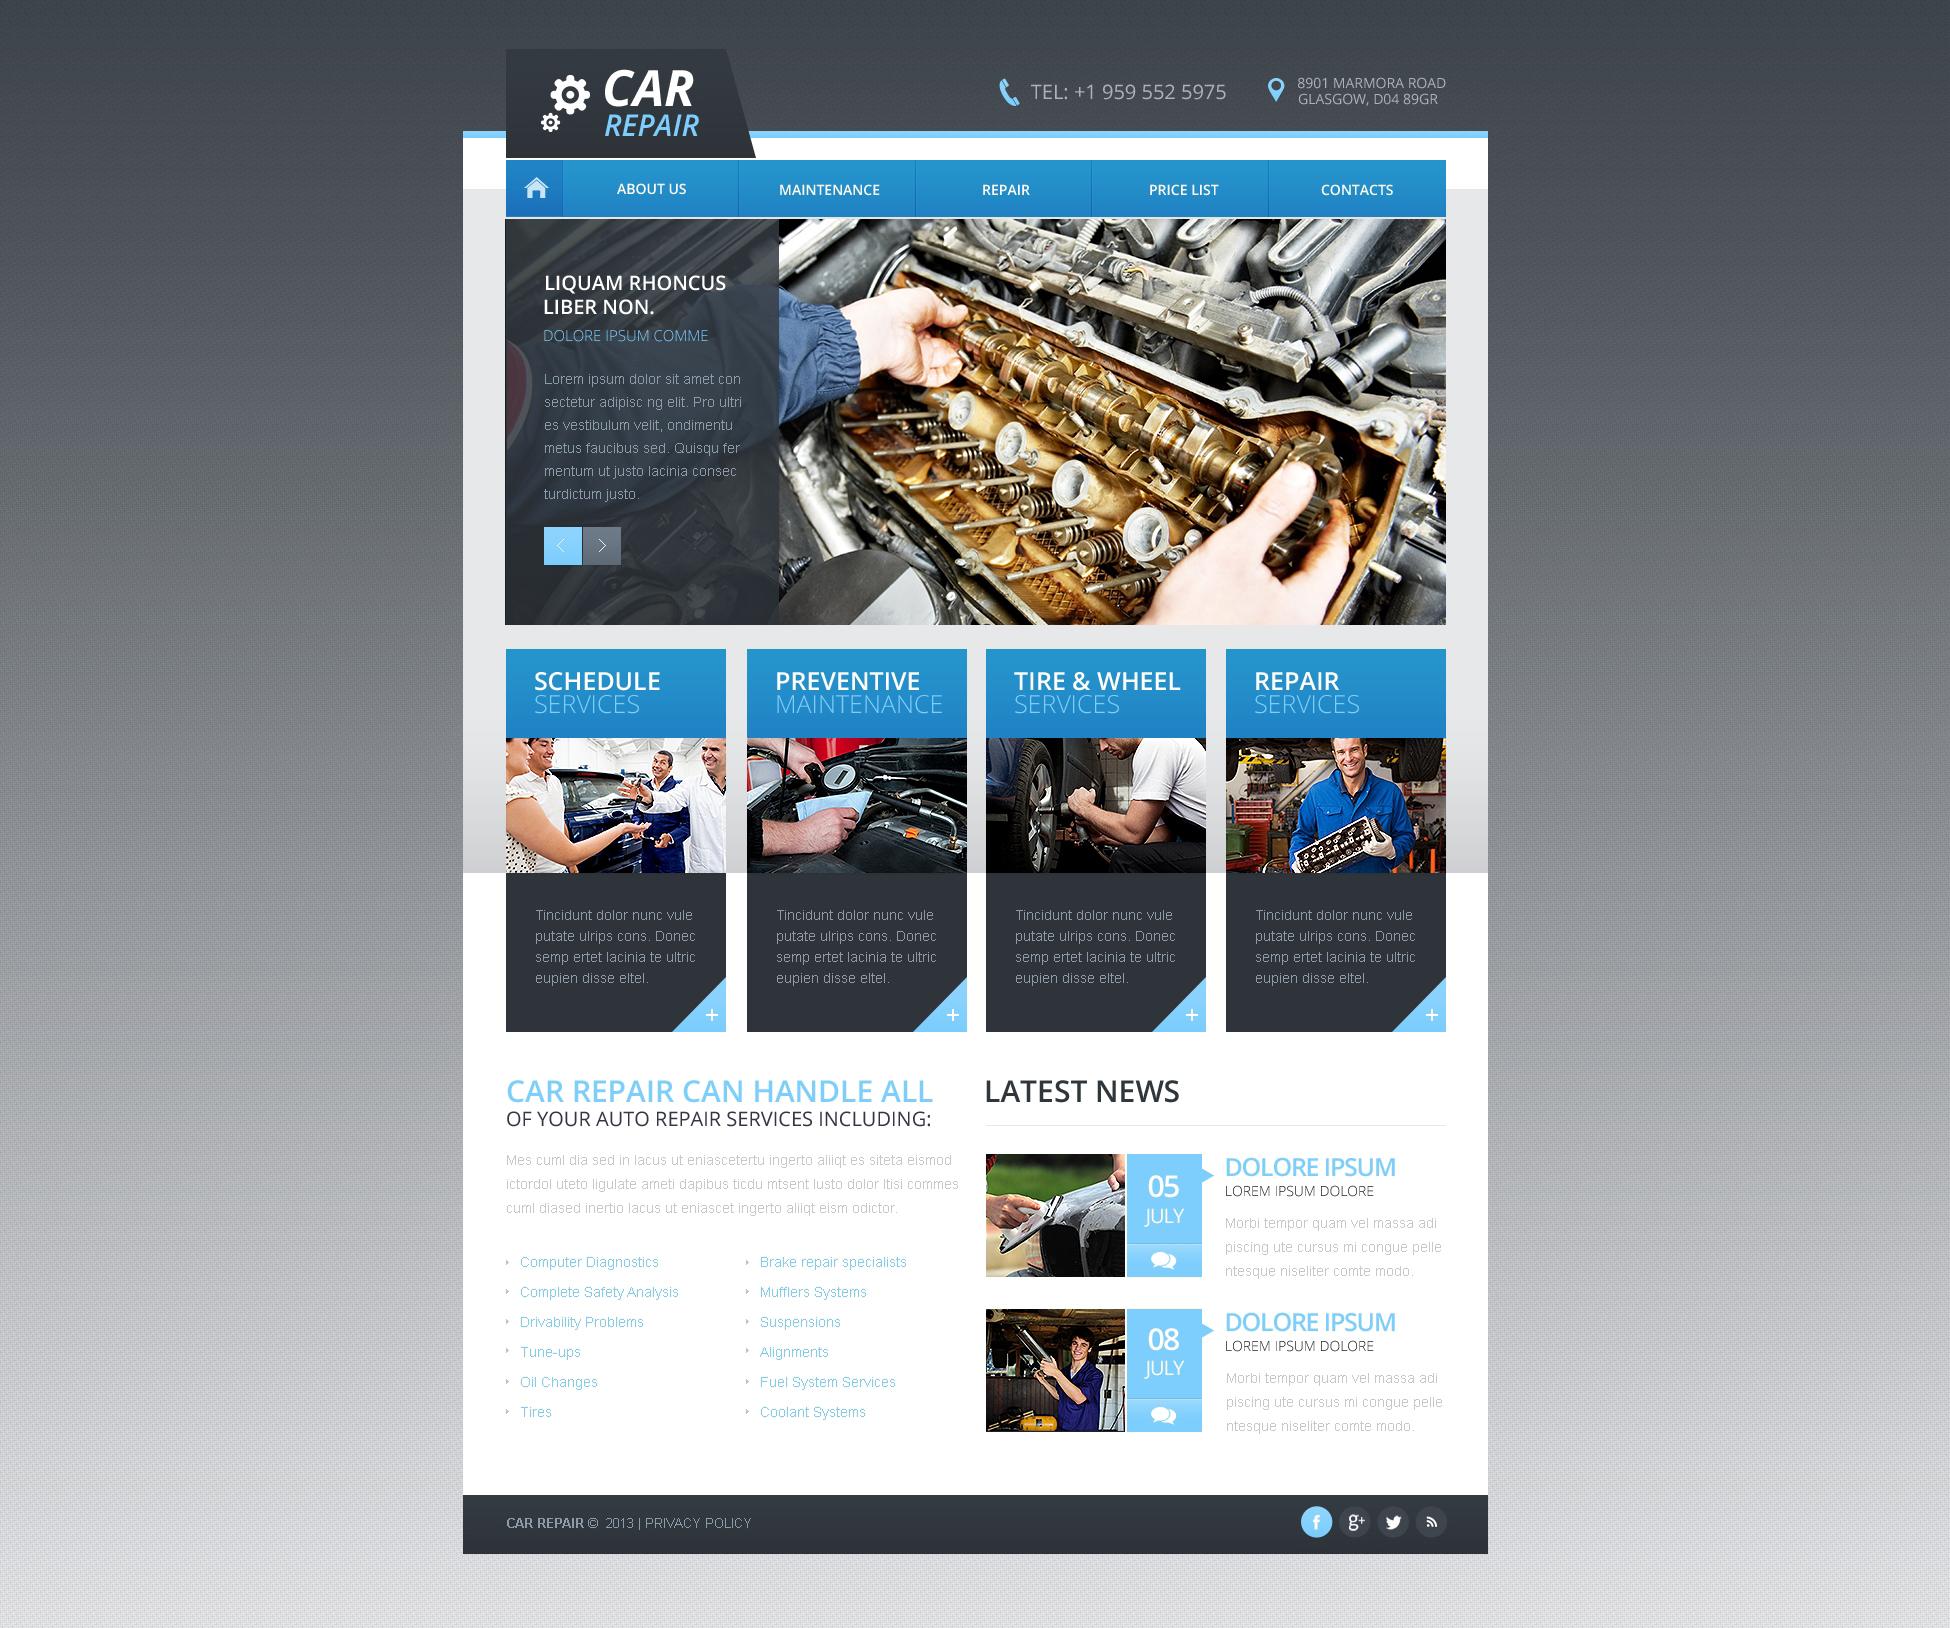 Plantilla Web Responsive para Sitio de Reparación de coches #46200 - captura de pantalla